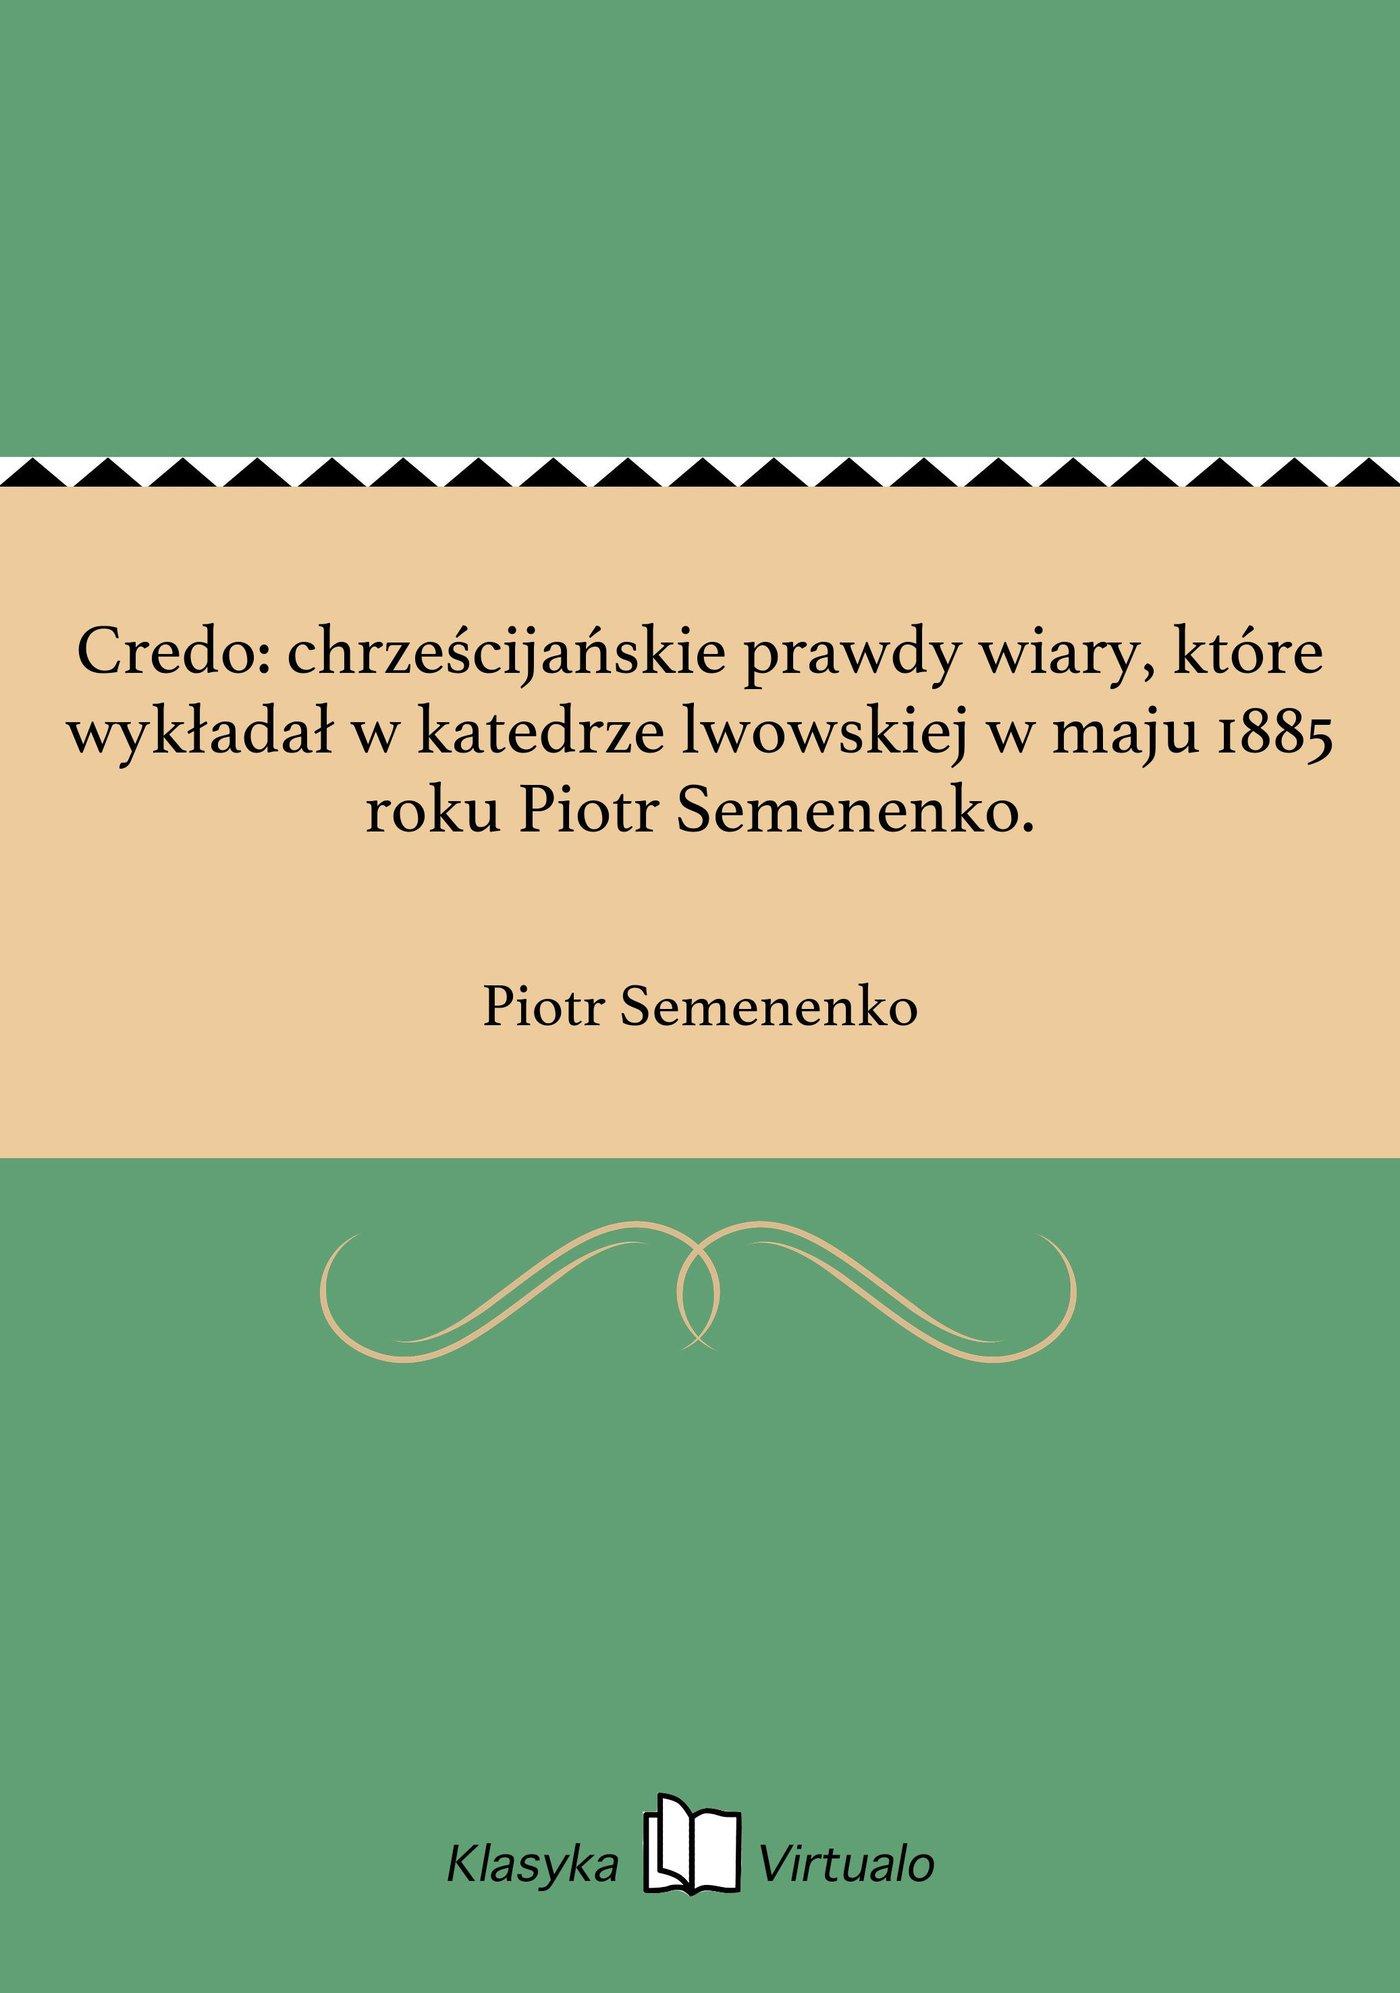 Credo: chrześcijańskie prawdy wiary, które wykładał w katedrze lwowskiej w maju 1885 roku Piotr Semenenko. - Ebook (Książka EPUB) do pobrania w formacie EPUB